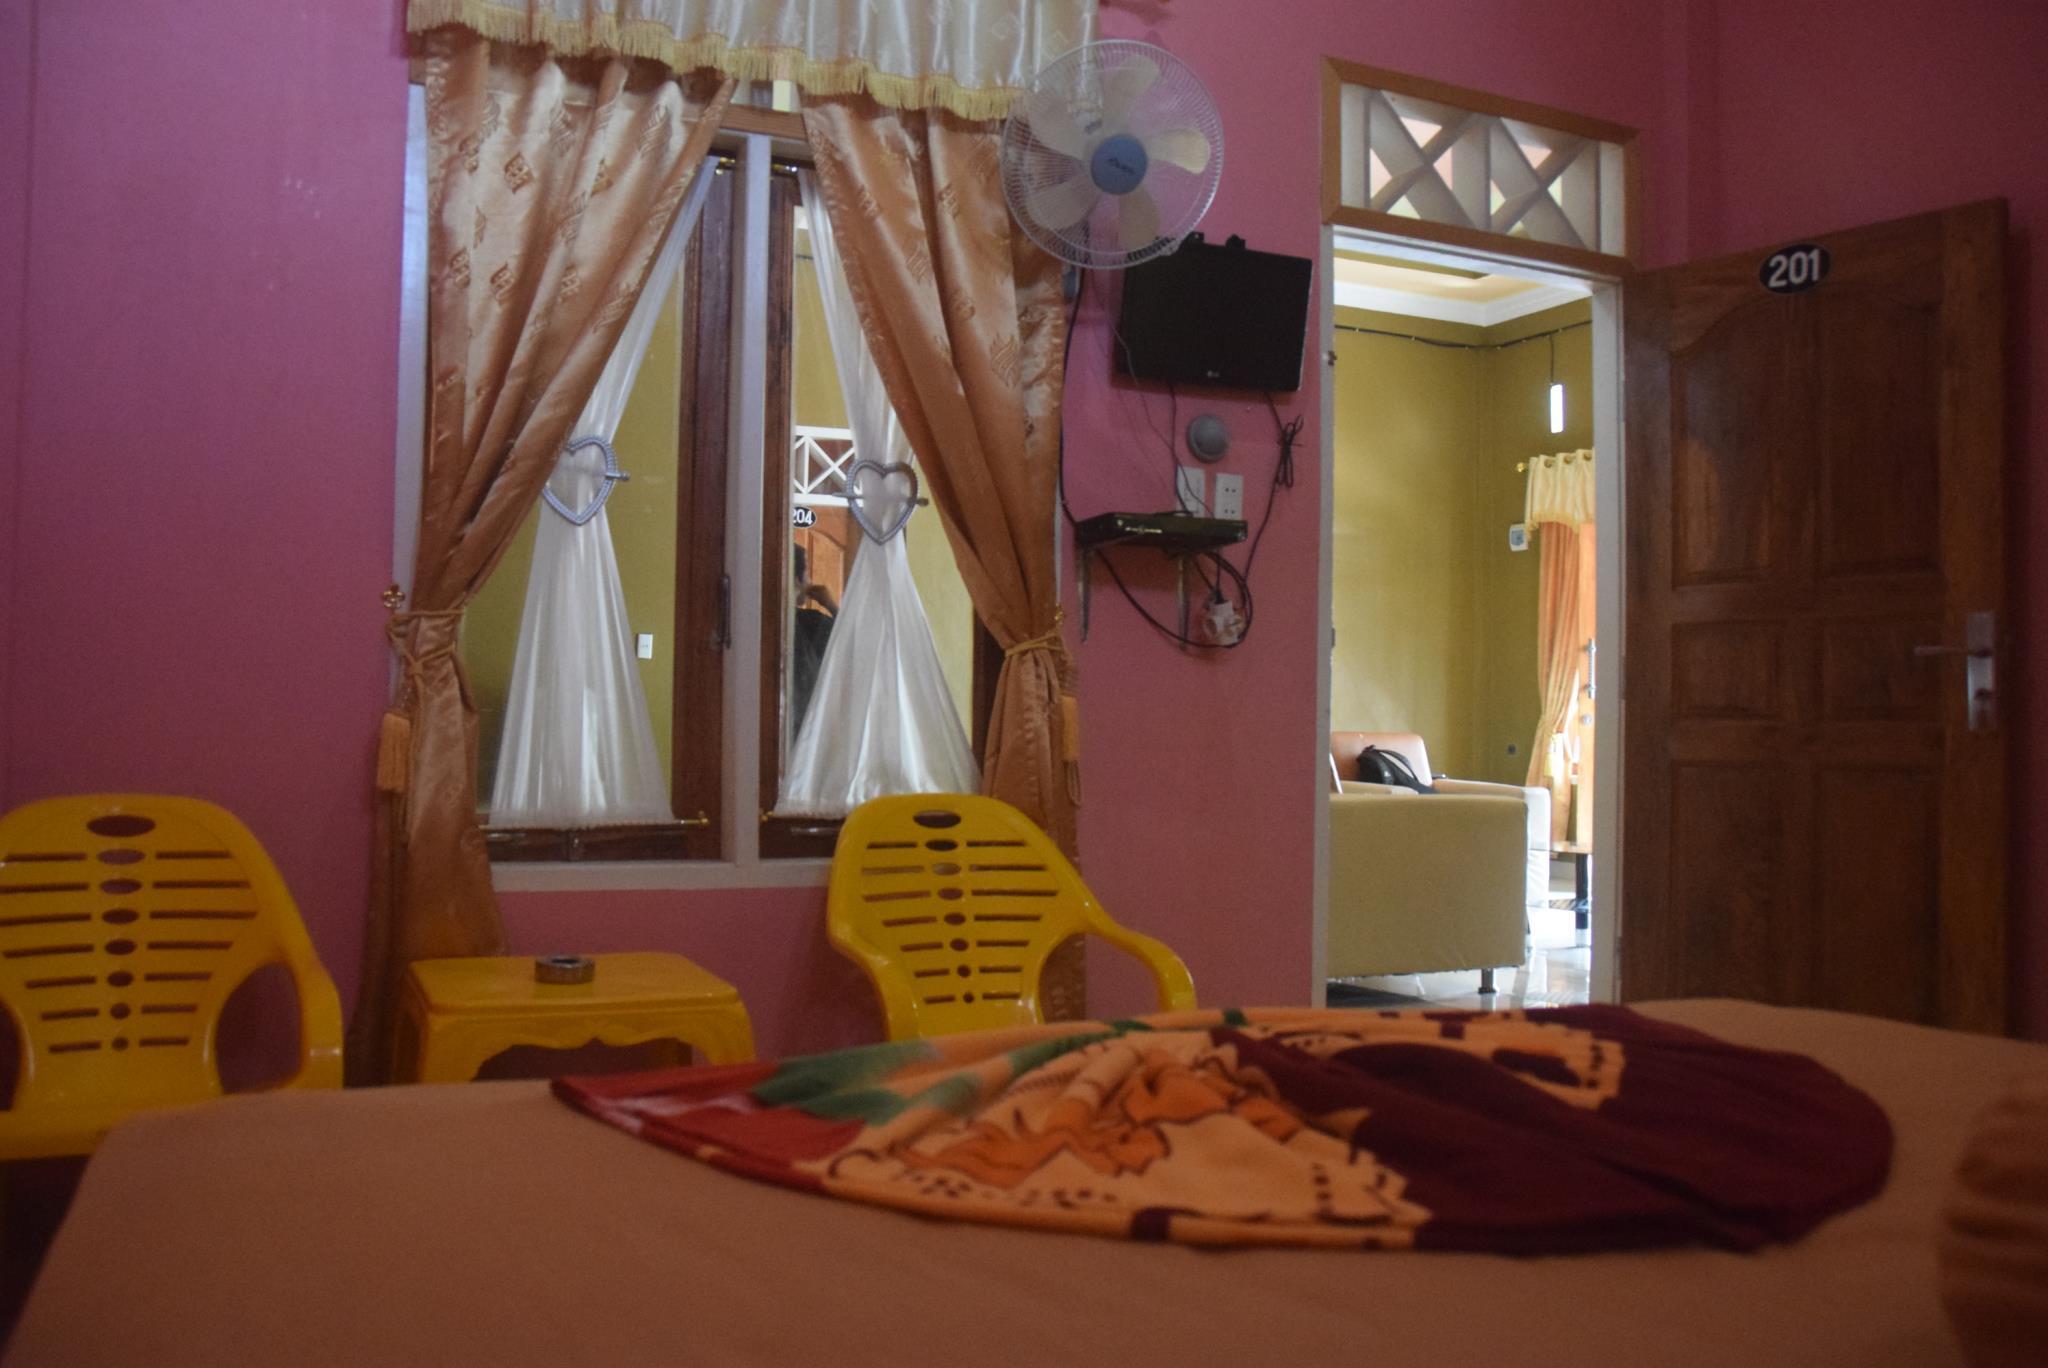 Hotel Nanda Inn - Jln. Orangutan - Bukit Lawang - Binjai